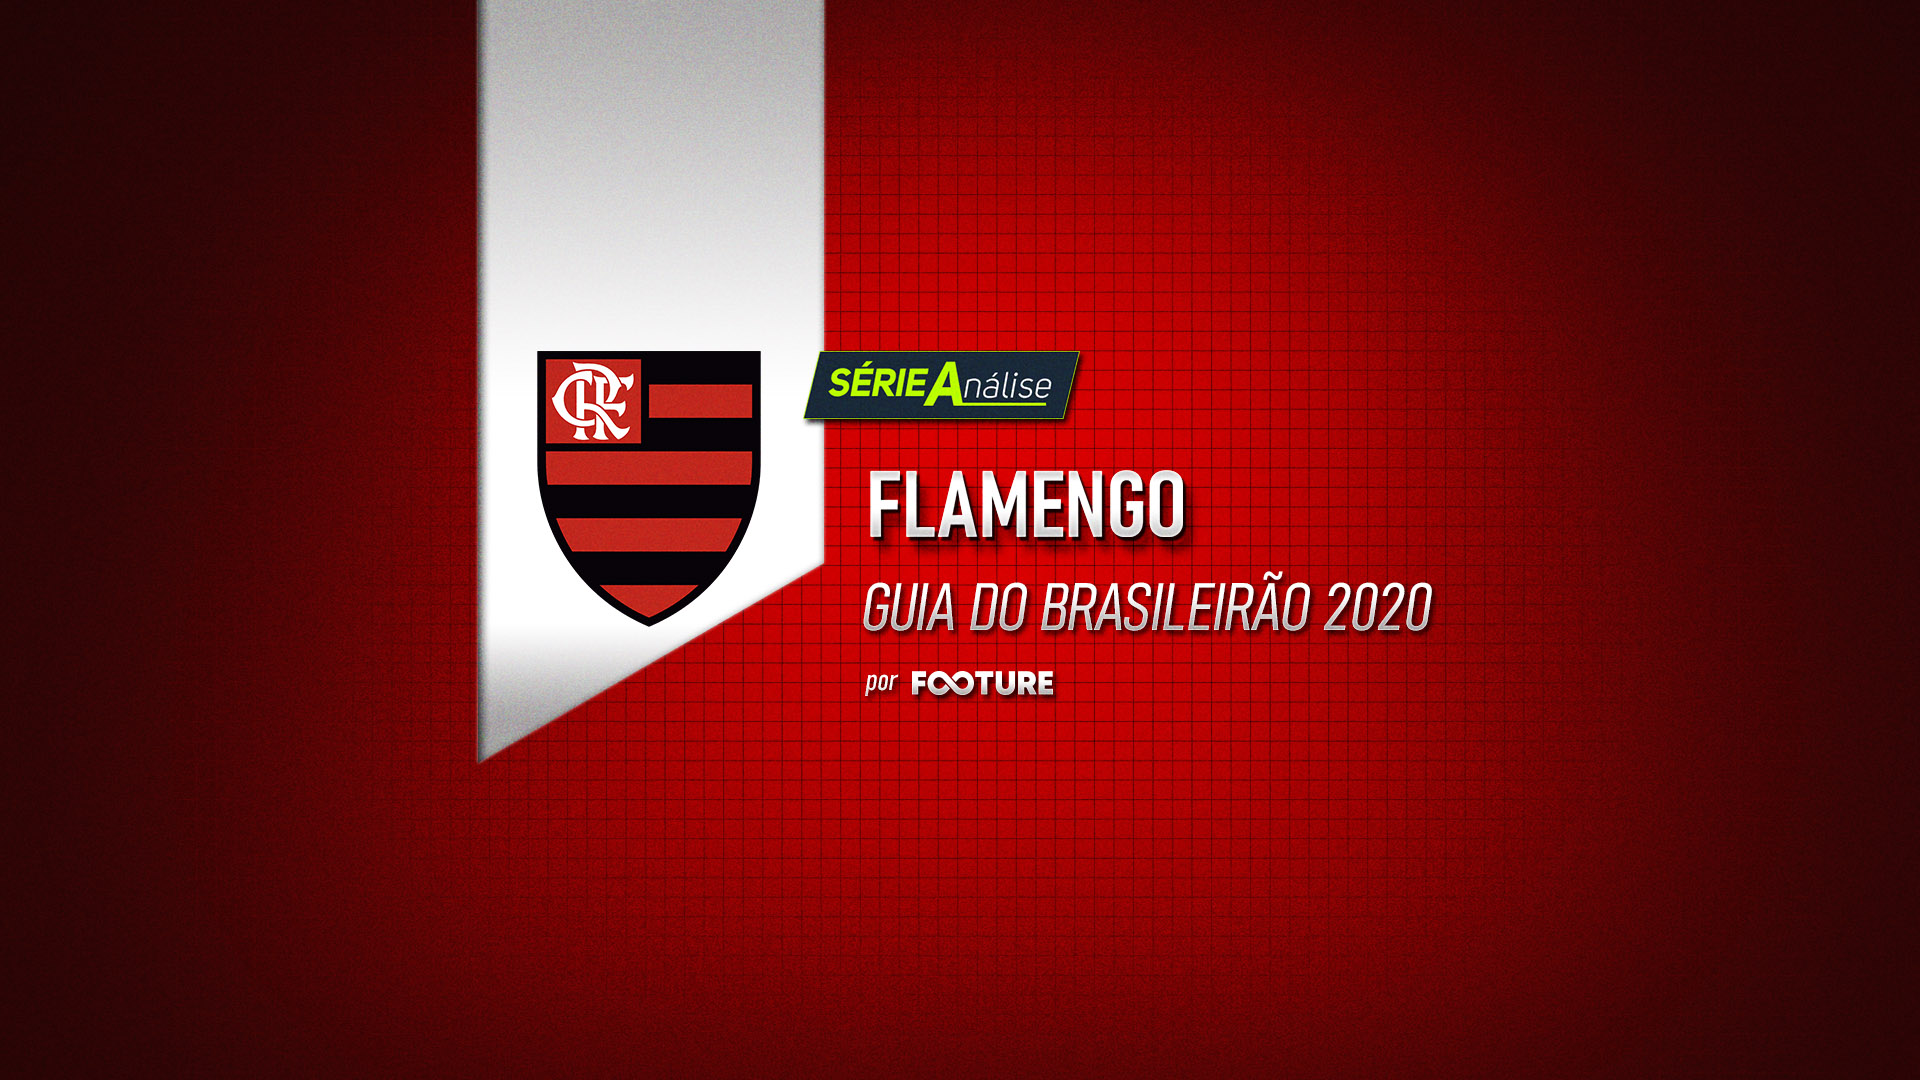 Guia do Brasileirão 2020 – Flamengo